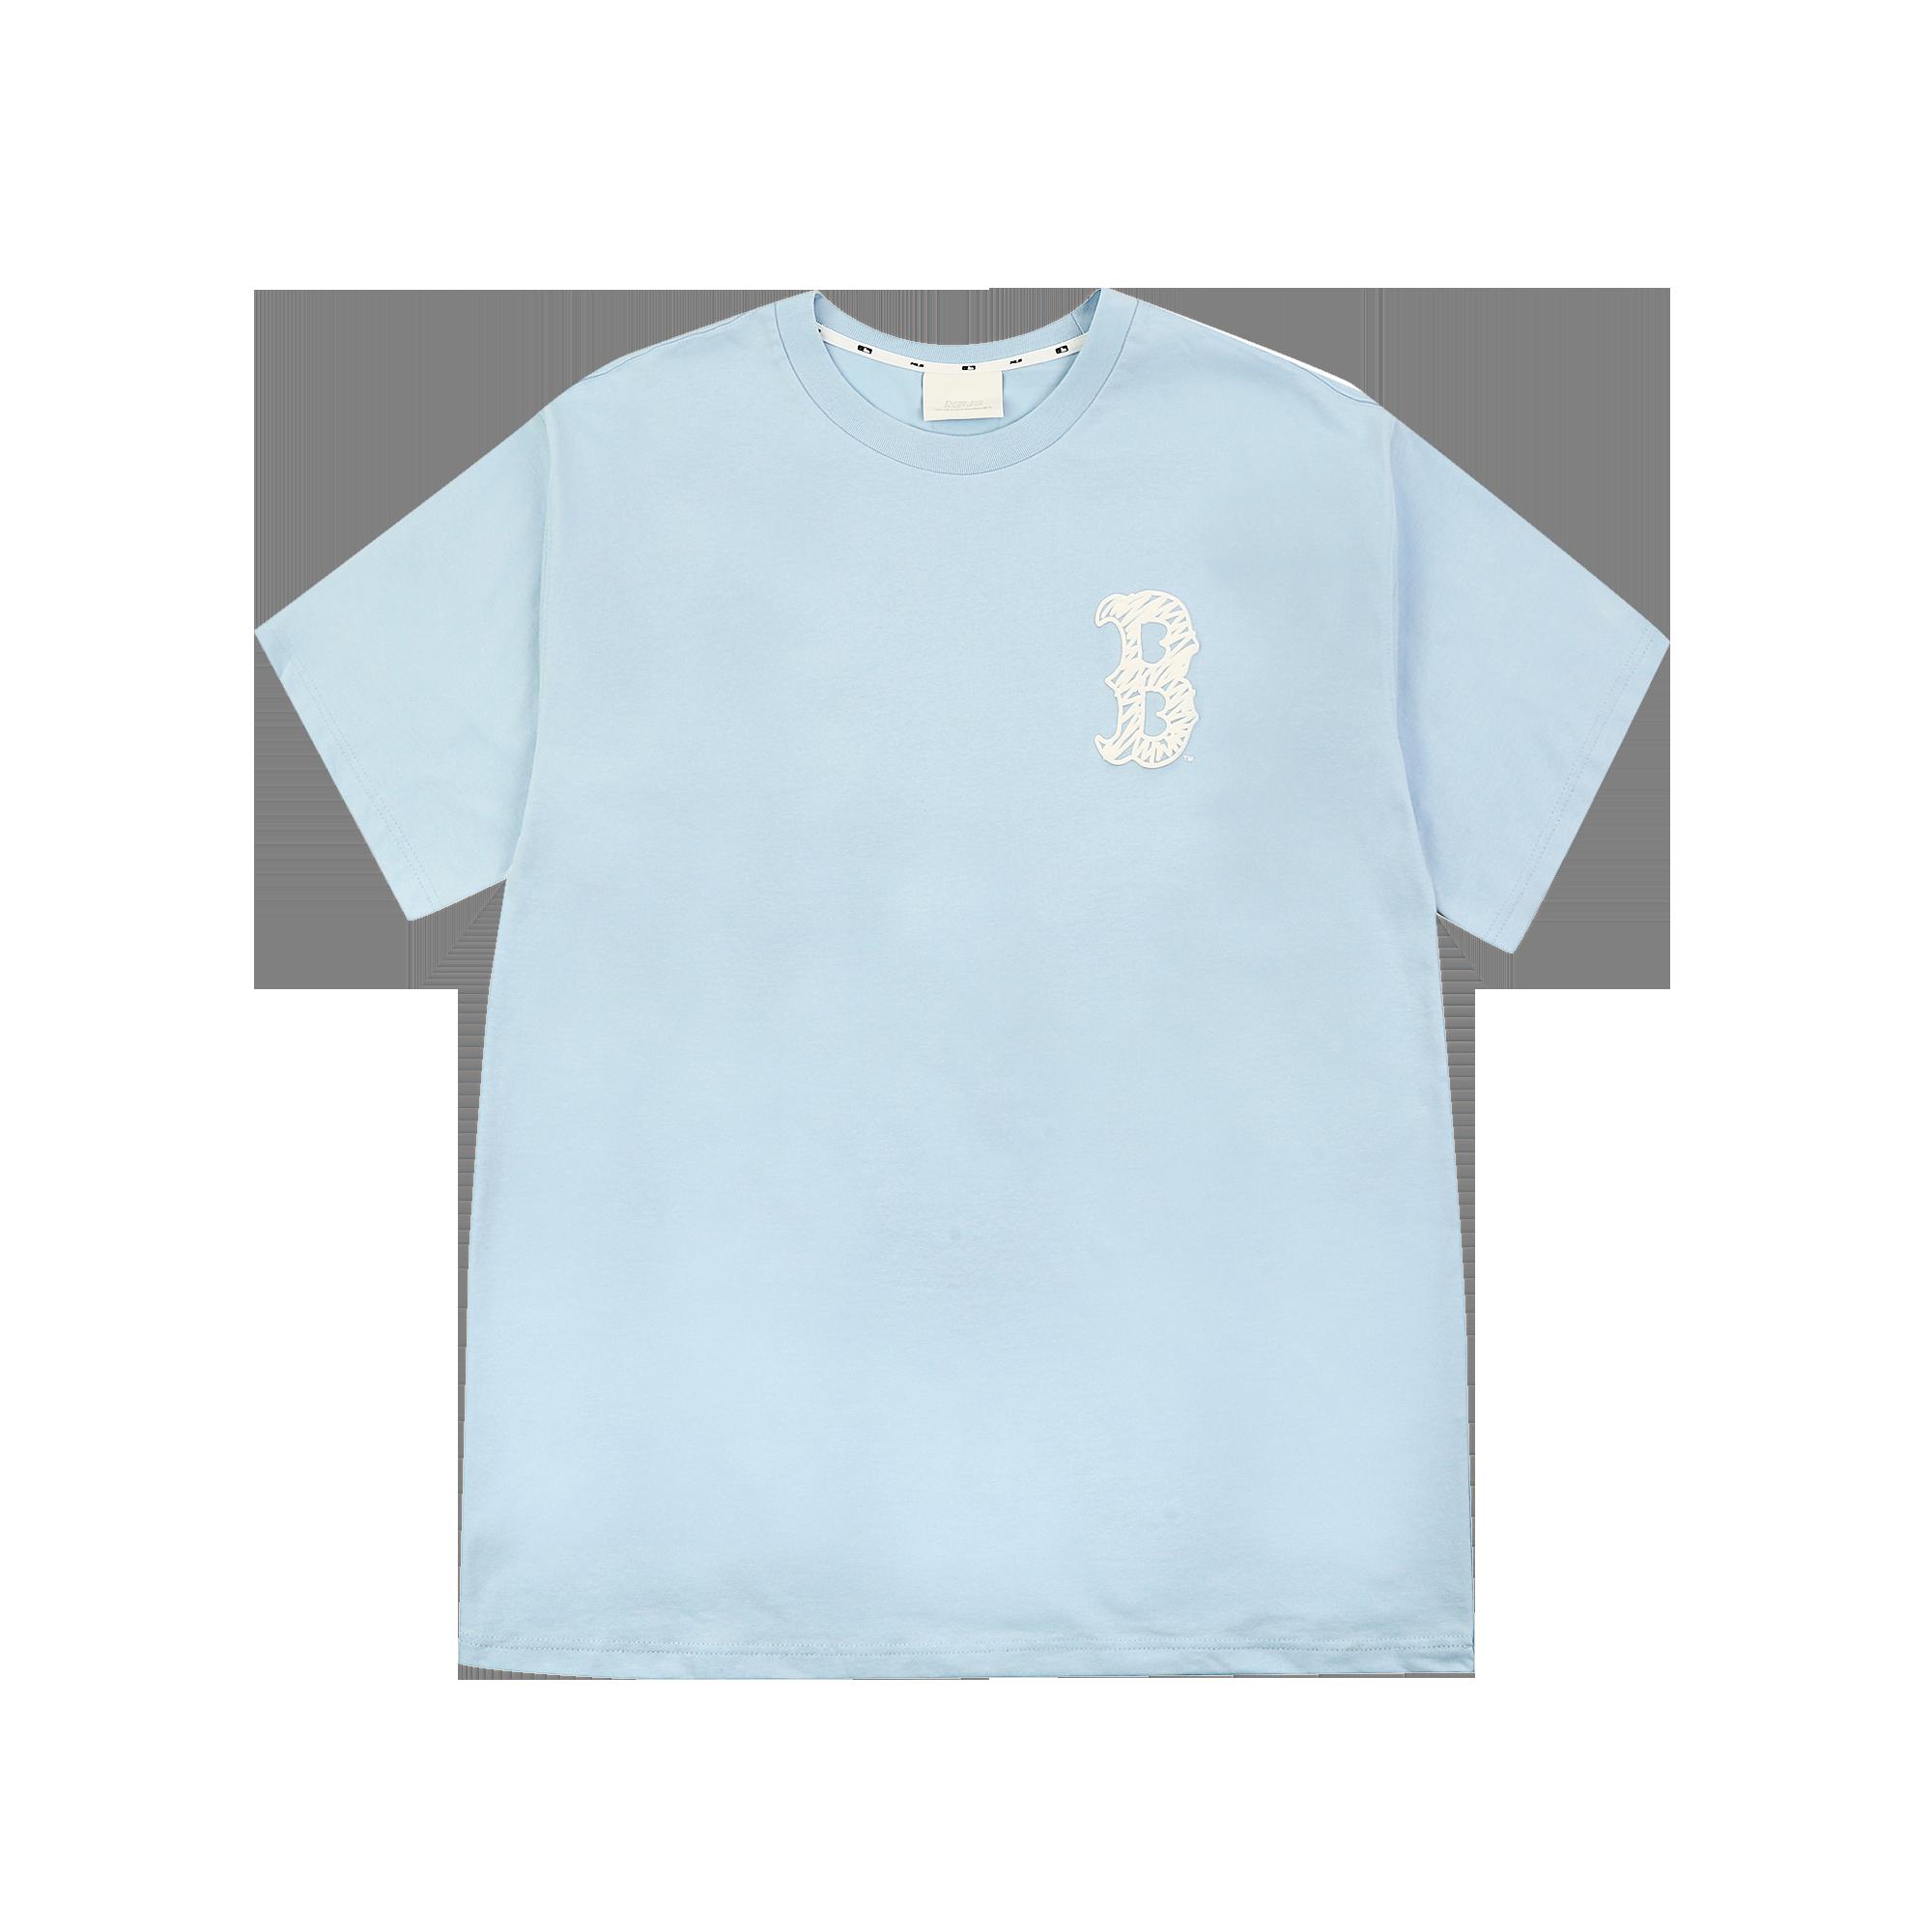 MLB LIKE 오버핏 반팔 티셔츠 보스턴 레드삭스